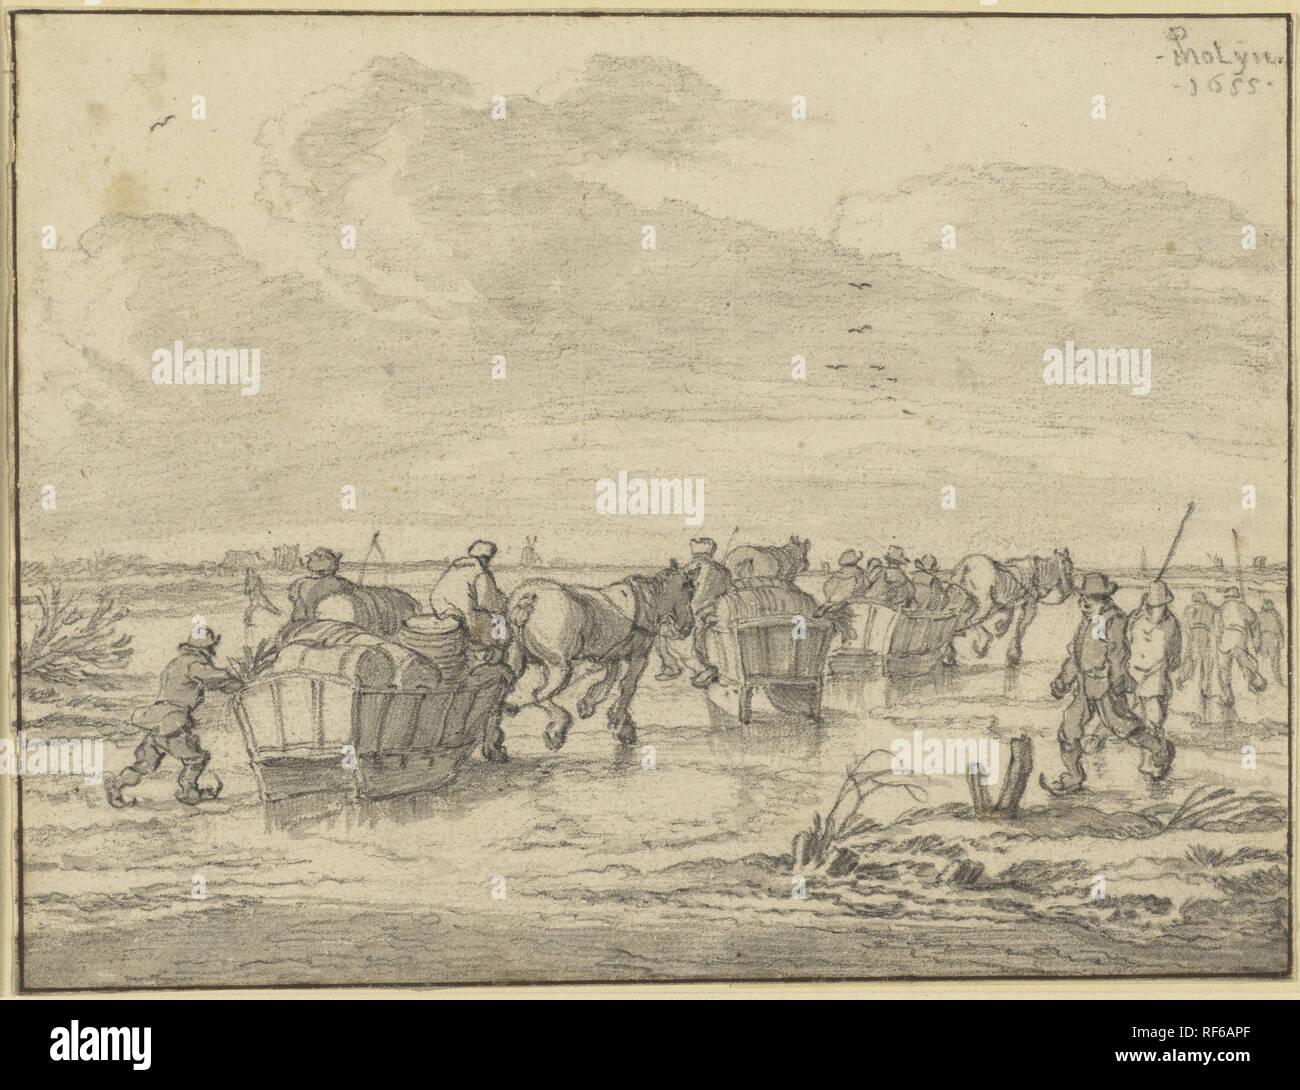 Eine Szene auf dem Eis mit Skatern und Wagen; Pieter Molijn (Niederländisch, 1595-1661); 1655; Schwarze Kreide mit grauen waschen; 14,9 x 19,4 cm (5 7/8 x 7 5/8 in.); 84. GB.809 Stockbild